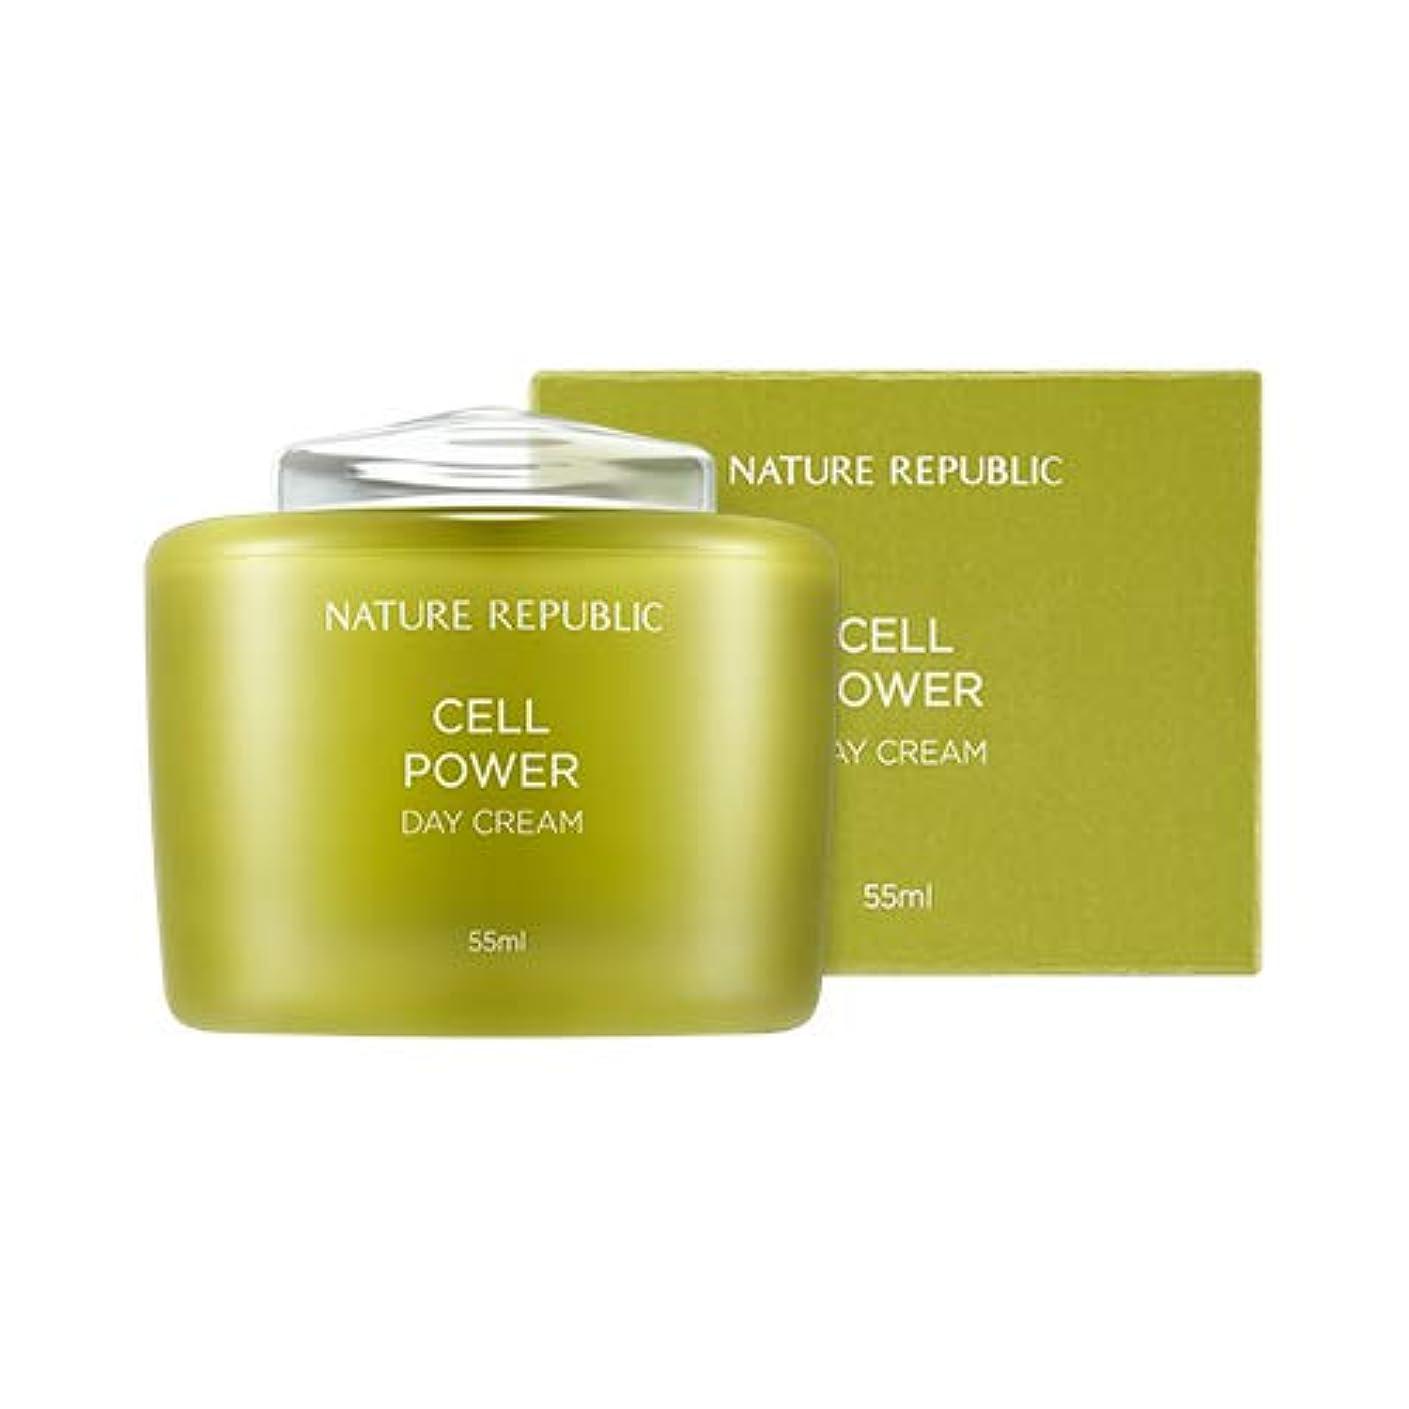 モンスター定数辛いNATURE REPUBLIC Cell Power Day Cream/ネイチャーリパブリック セルパワー デイクリーム 55ml [並行輸入品]